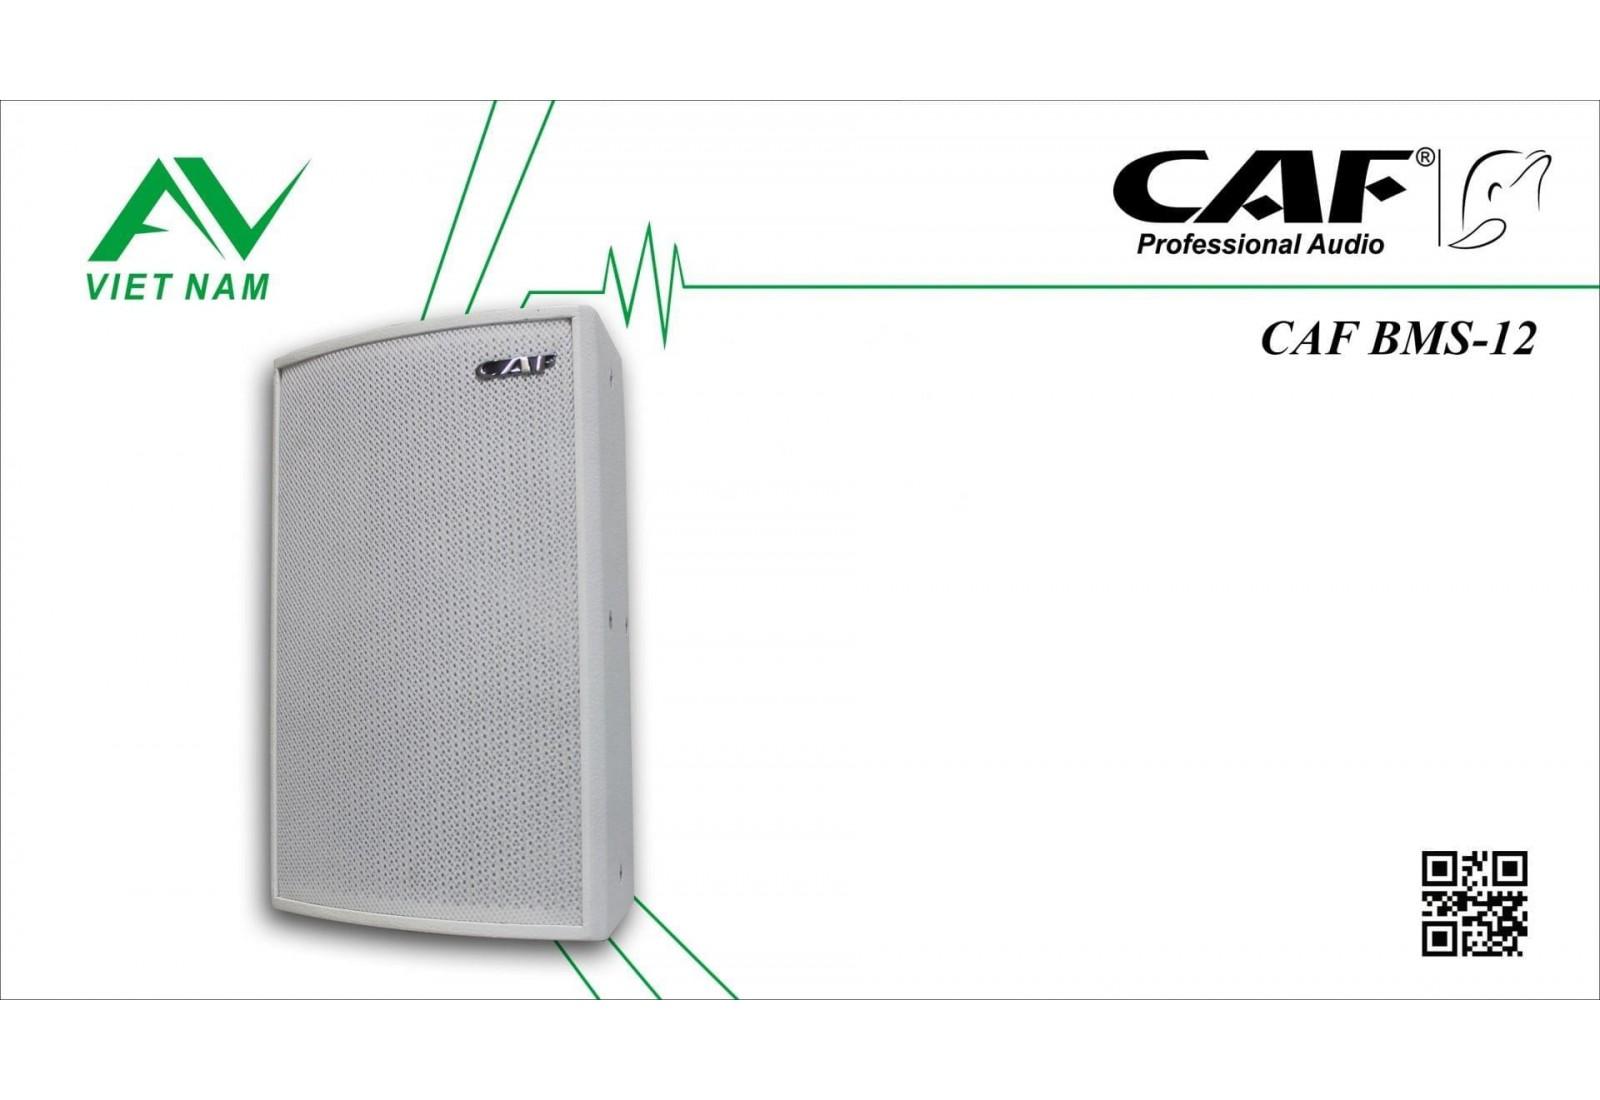 CAF BMS-12